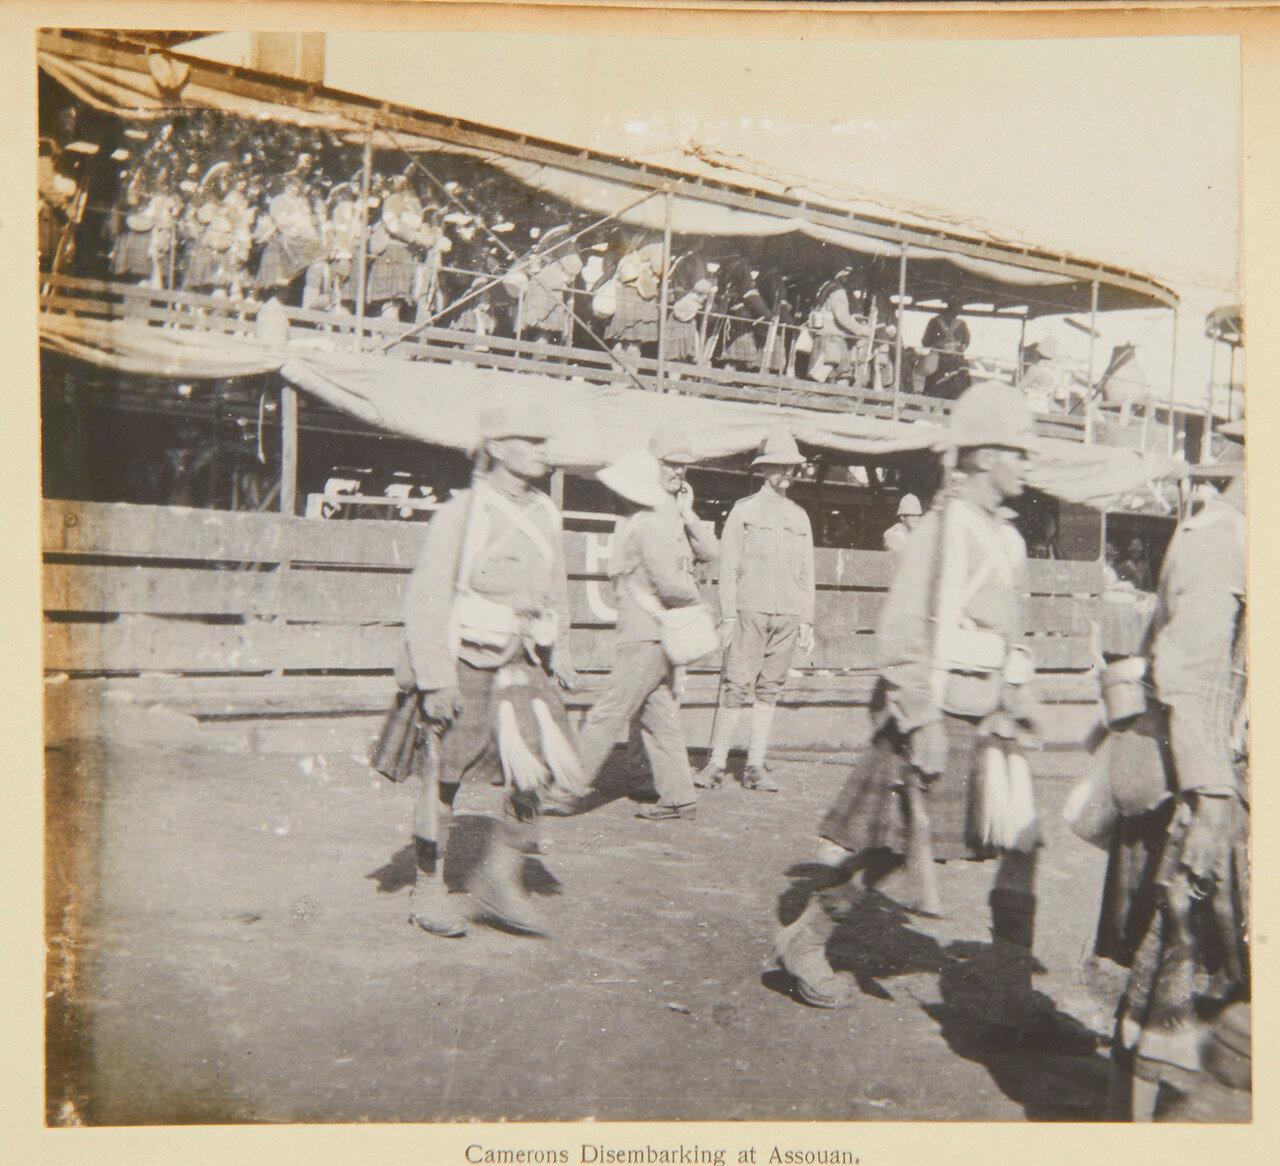 Собственный королевский Камерон-хайлендерский полк высаживается в Ассуане